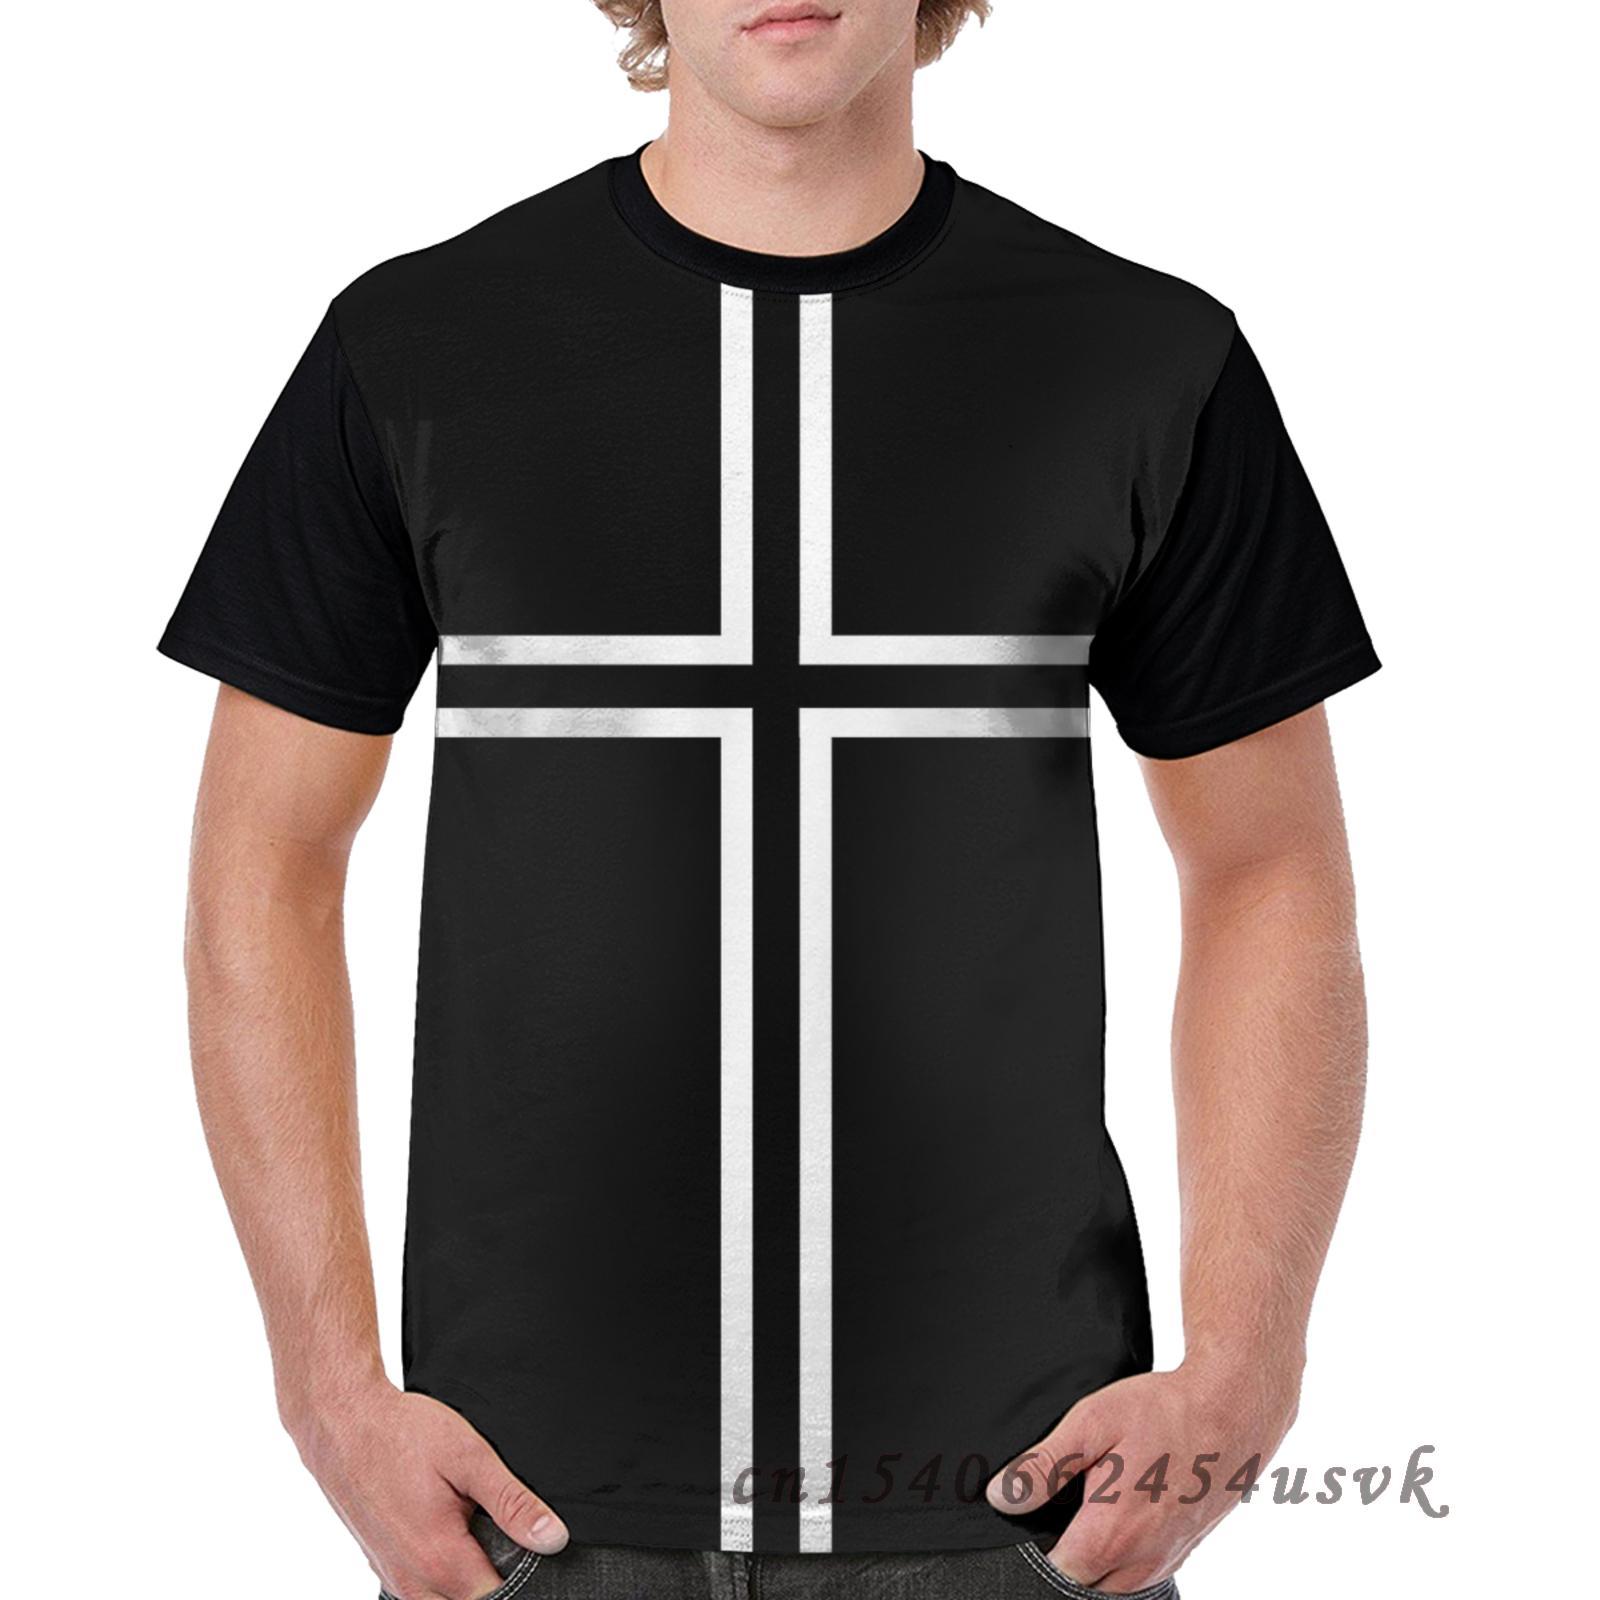 Забавный Графический Мужская футболка с рисунком футболки Kof Kyo Кусанаги крест женская футболка с коротким рукавом для детей с длинными рук...